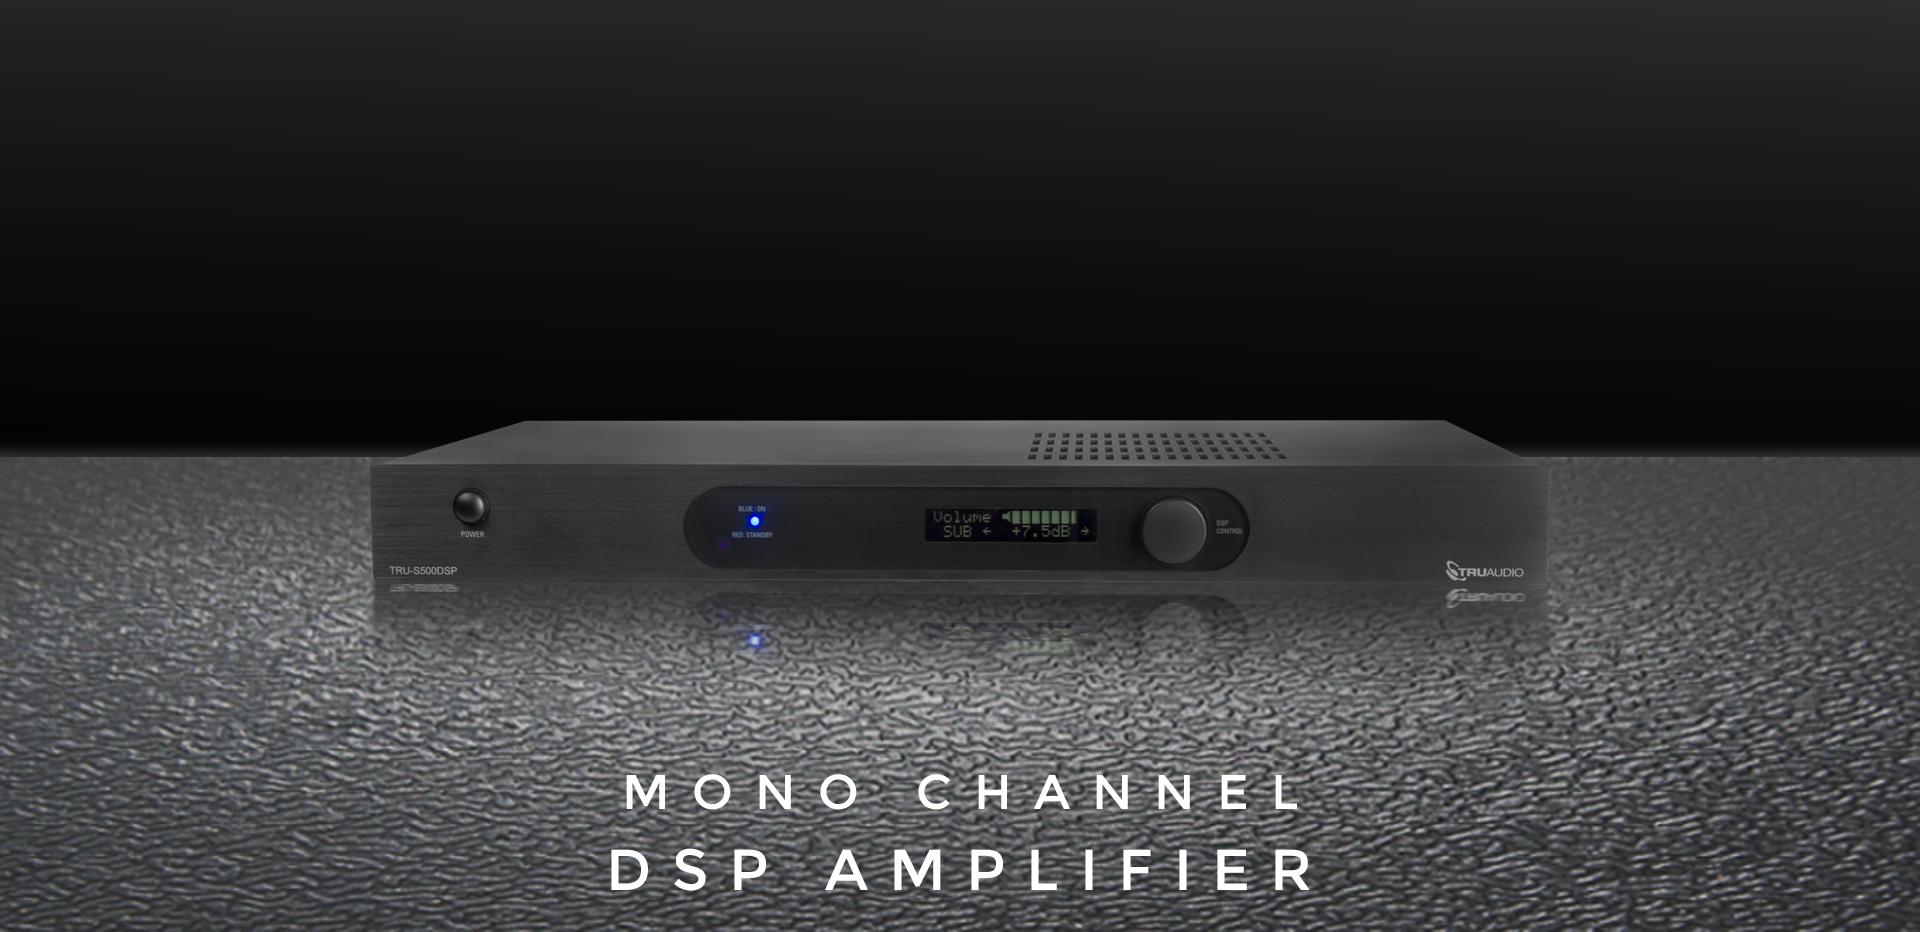 TRU-S500DSP DSP mono channel amp by TruAudio